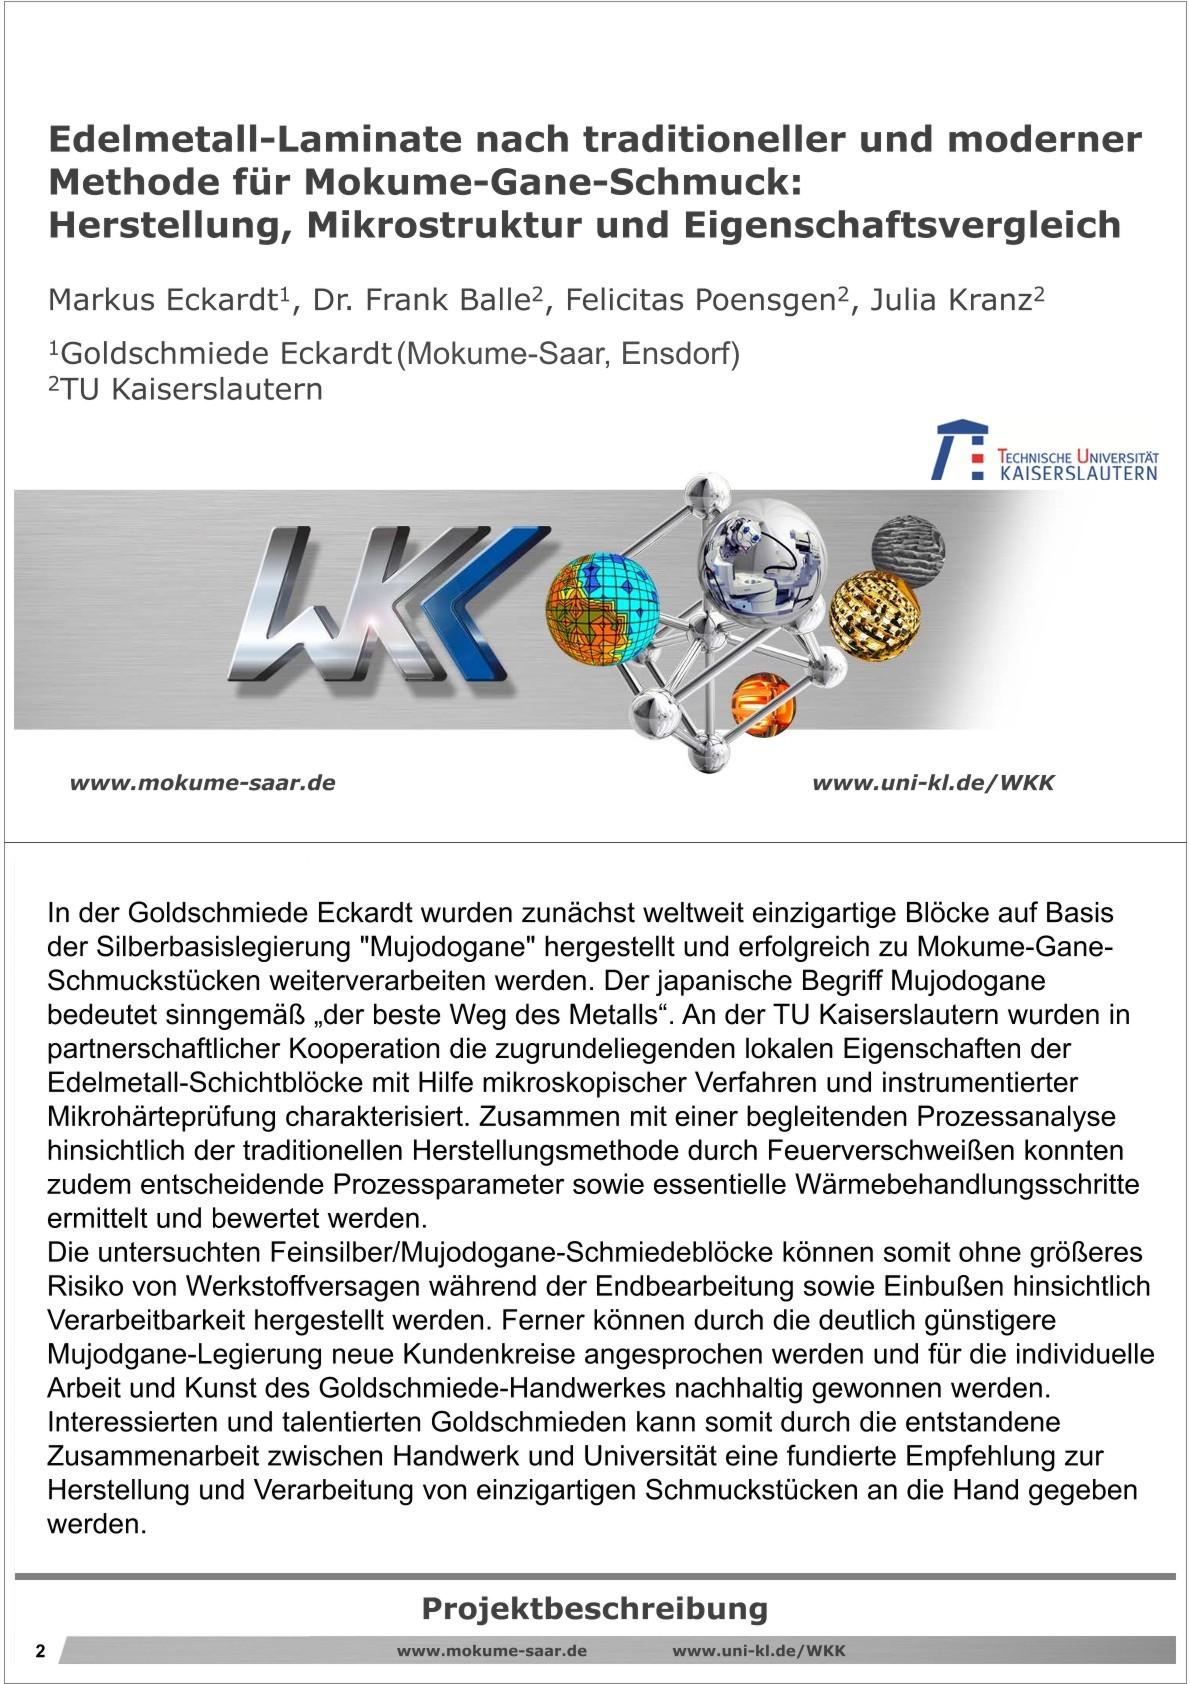 1. Seite wissenschaftliche Ausarbeitung Herstellung von Edelmetall-Laminaten Mokume Gane Technik